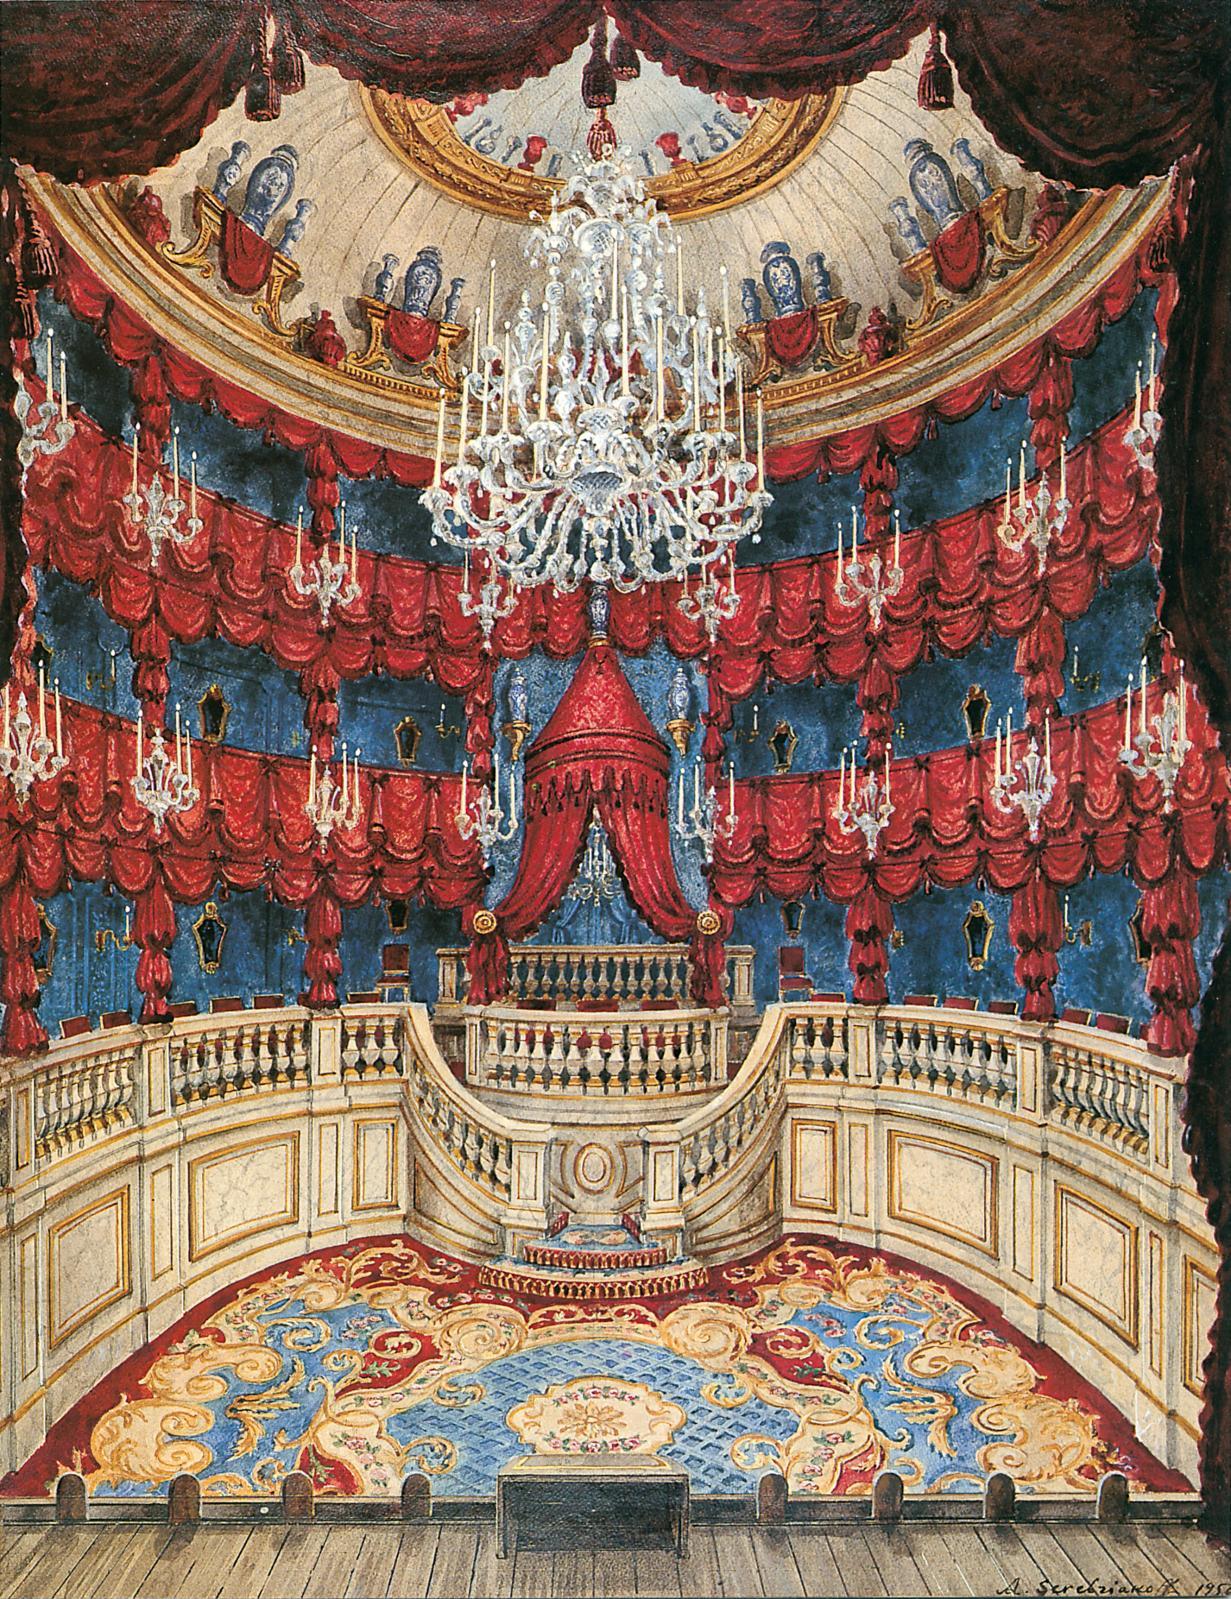 Le fameux théâtre de Groussay, inauguré en 1957, et l'association du rouge et du bleu, typique du goût Beistegui.